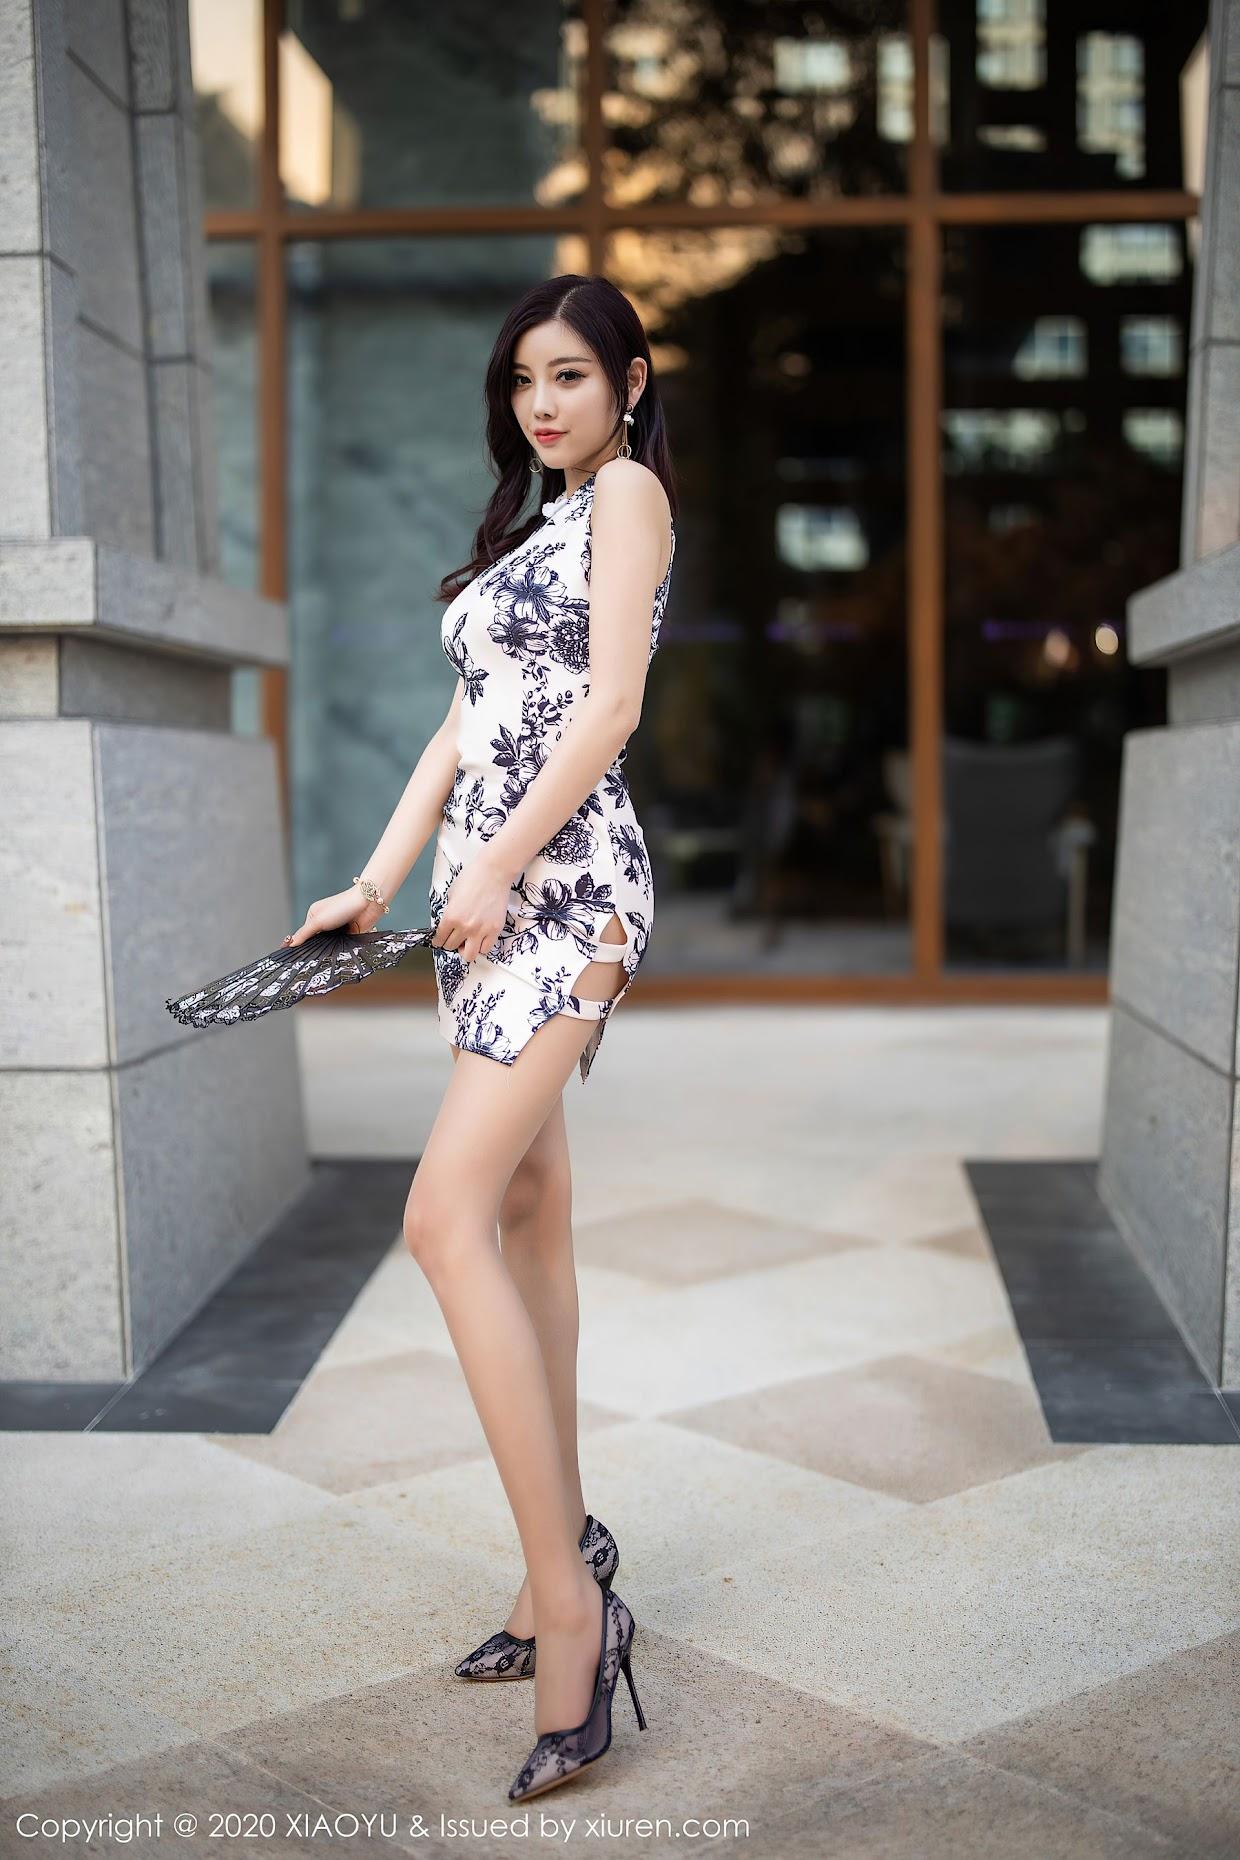 XIaoyu 318 Sugar